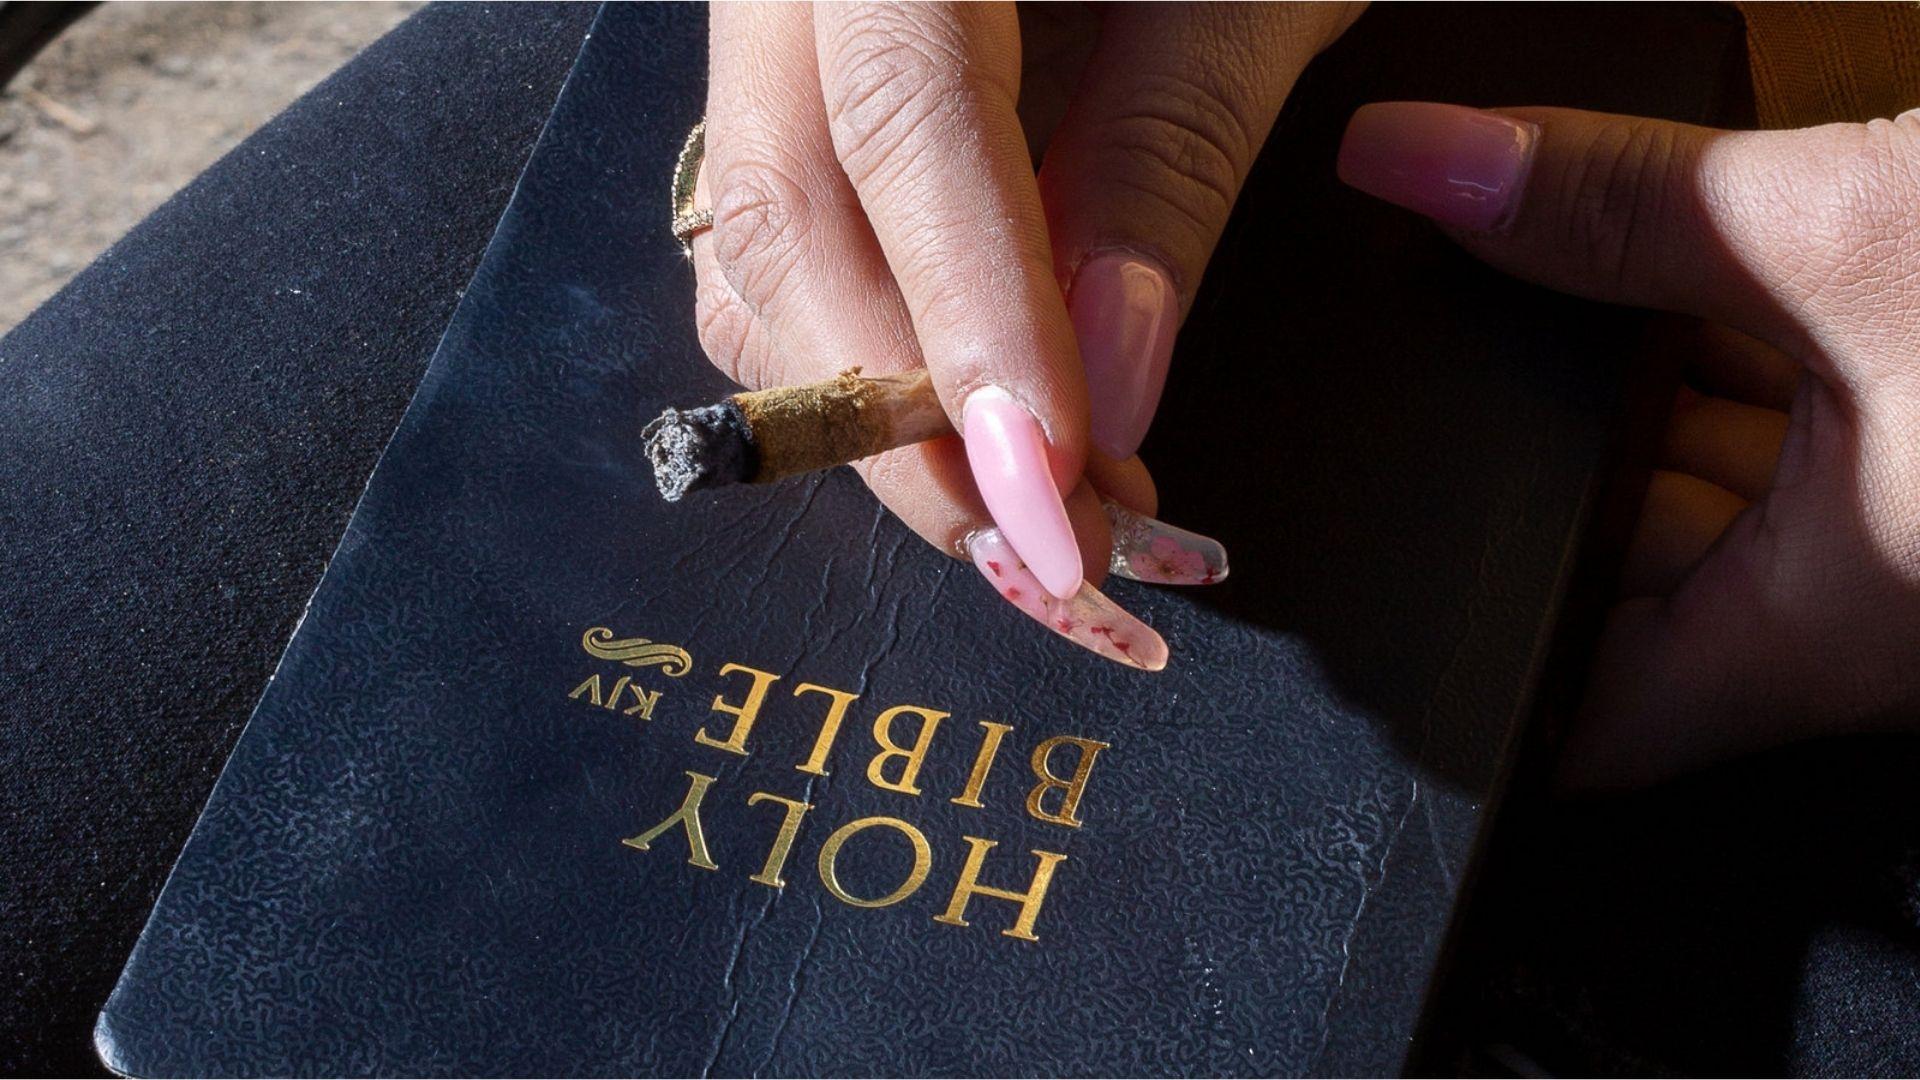 Posicionamento cristão sobre o uso medicinal e recreativo da maconha: o que a Bíblia diz?